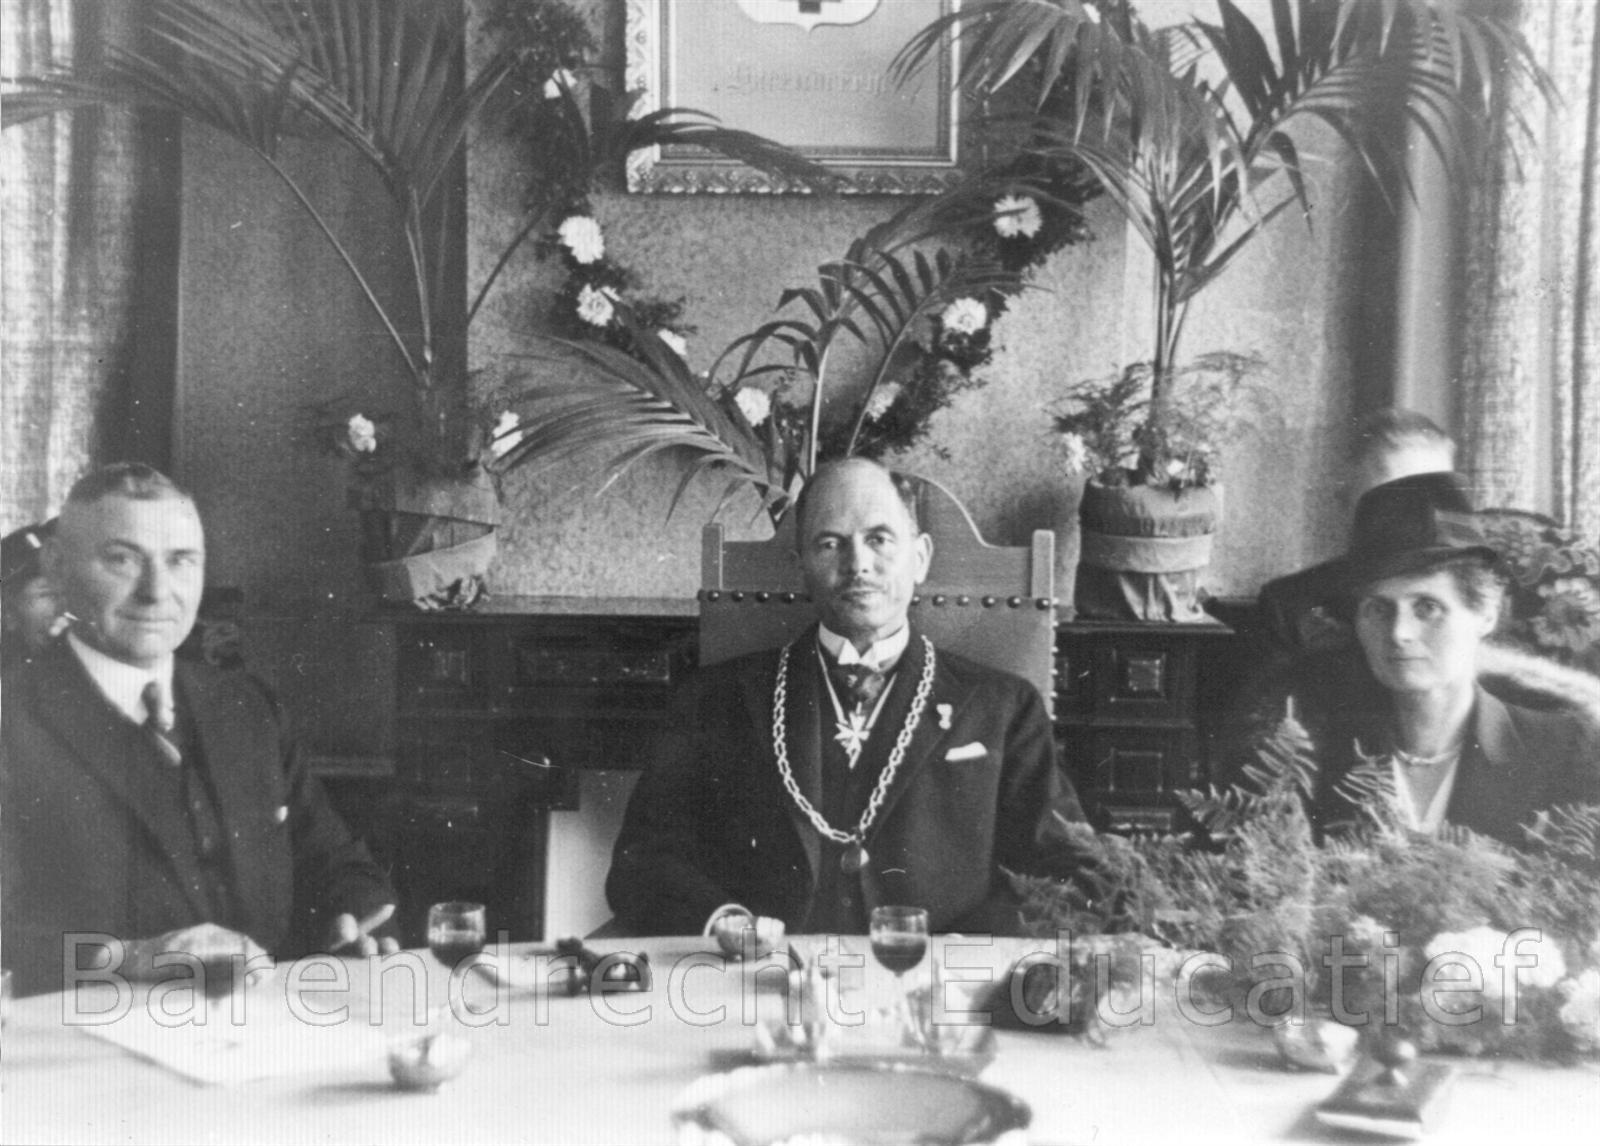 Burgemeester Jhr. Beelaerts van Blokland